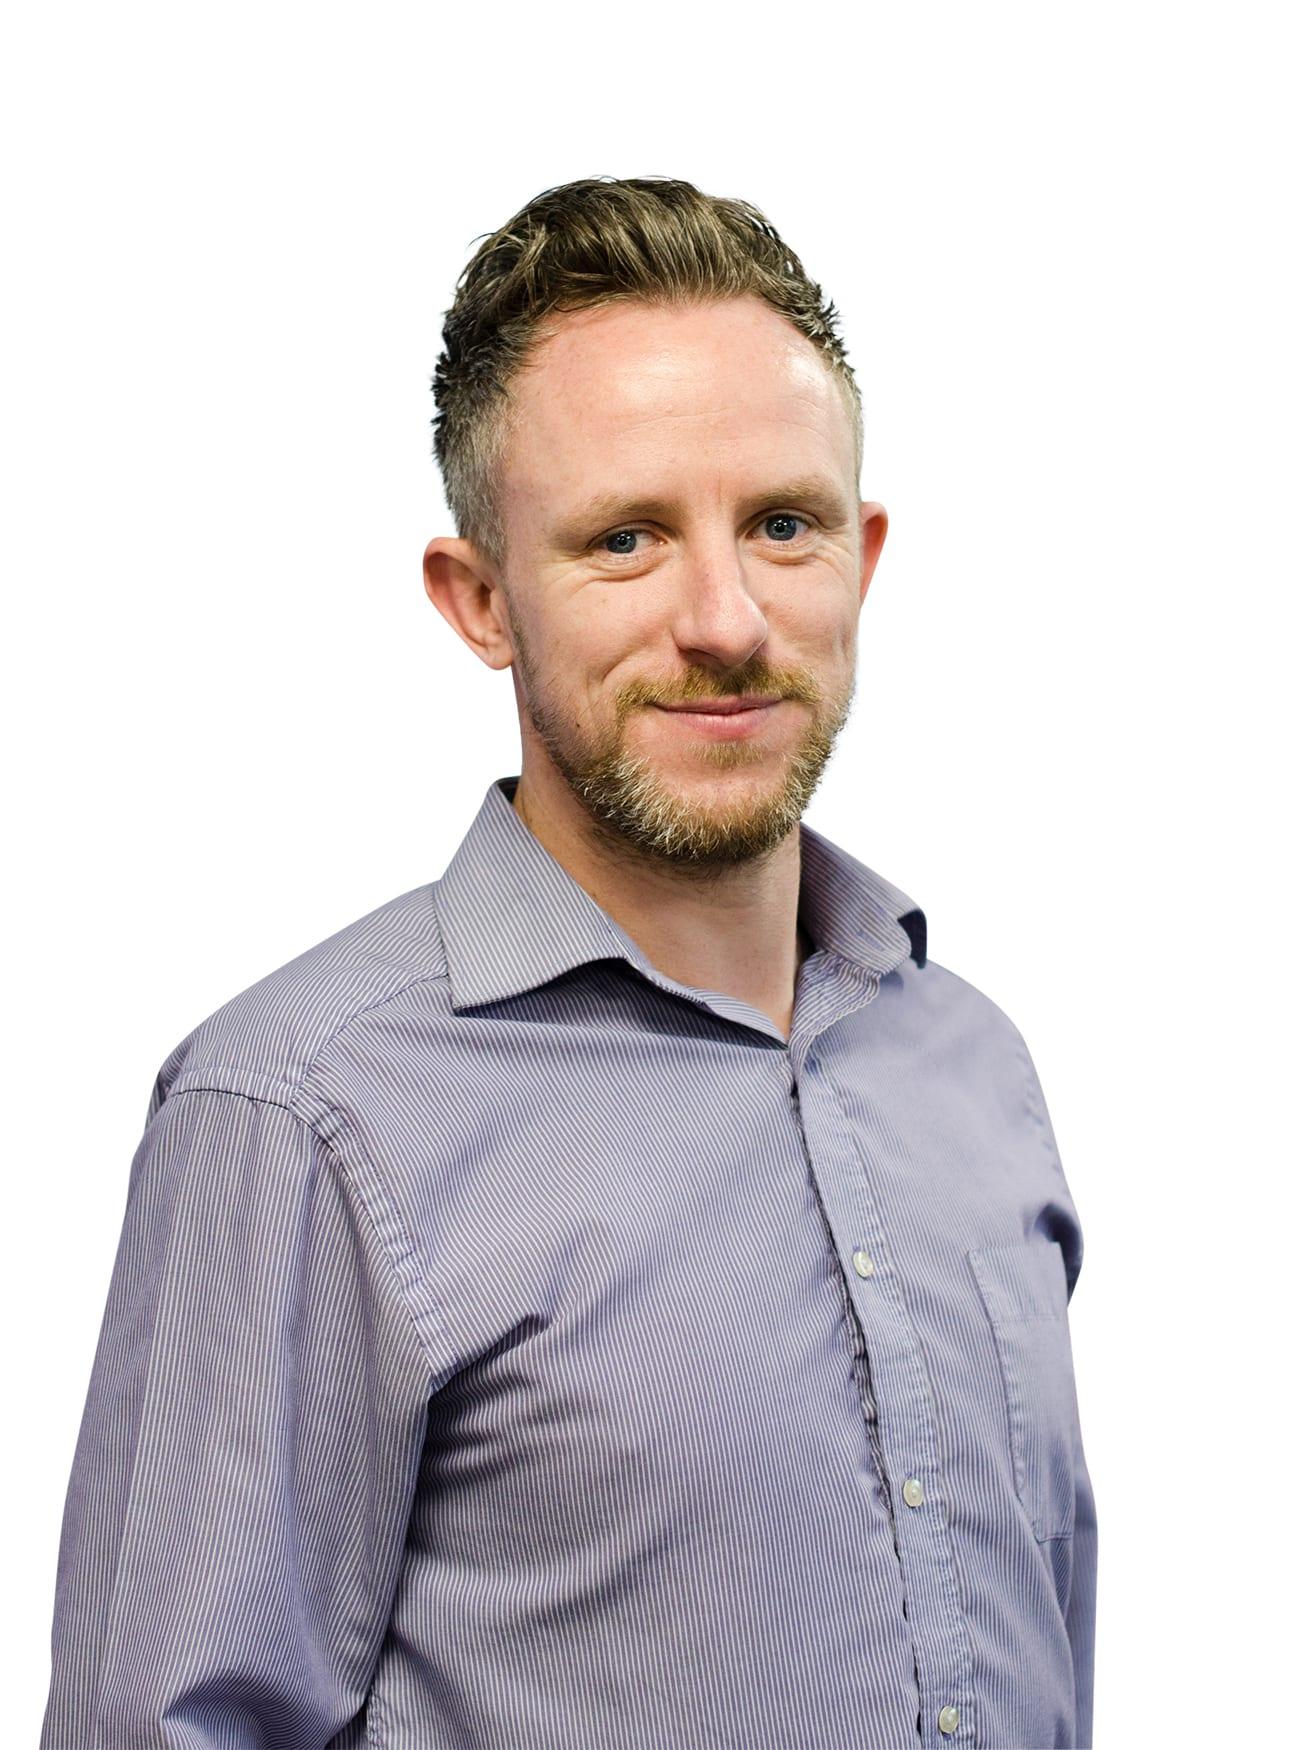 Shaun Garey